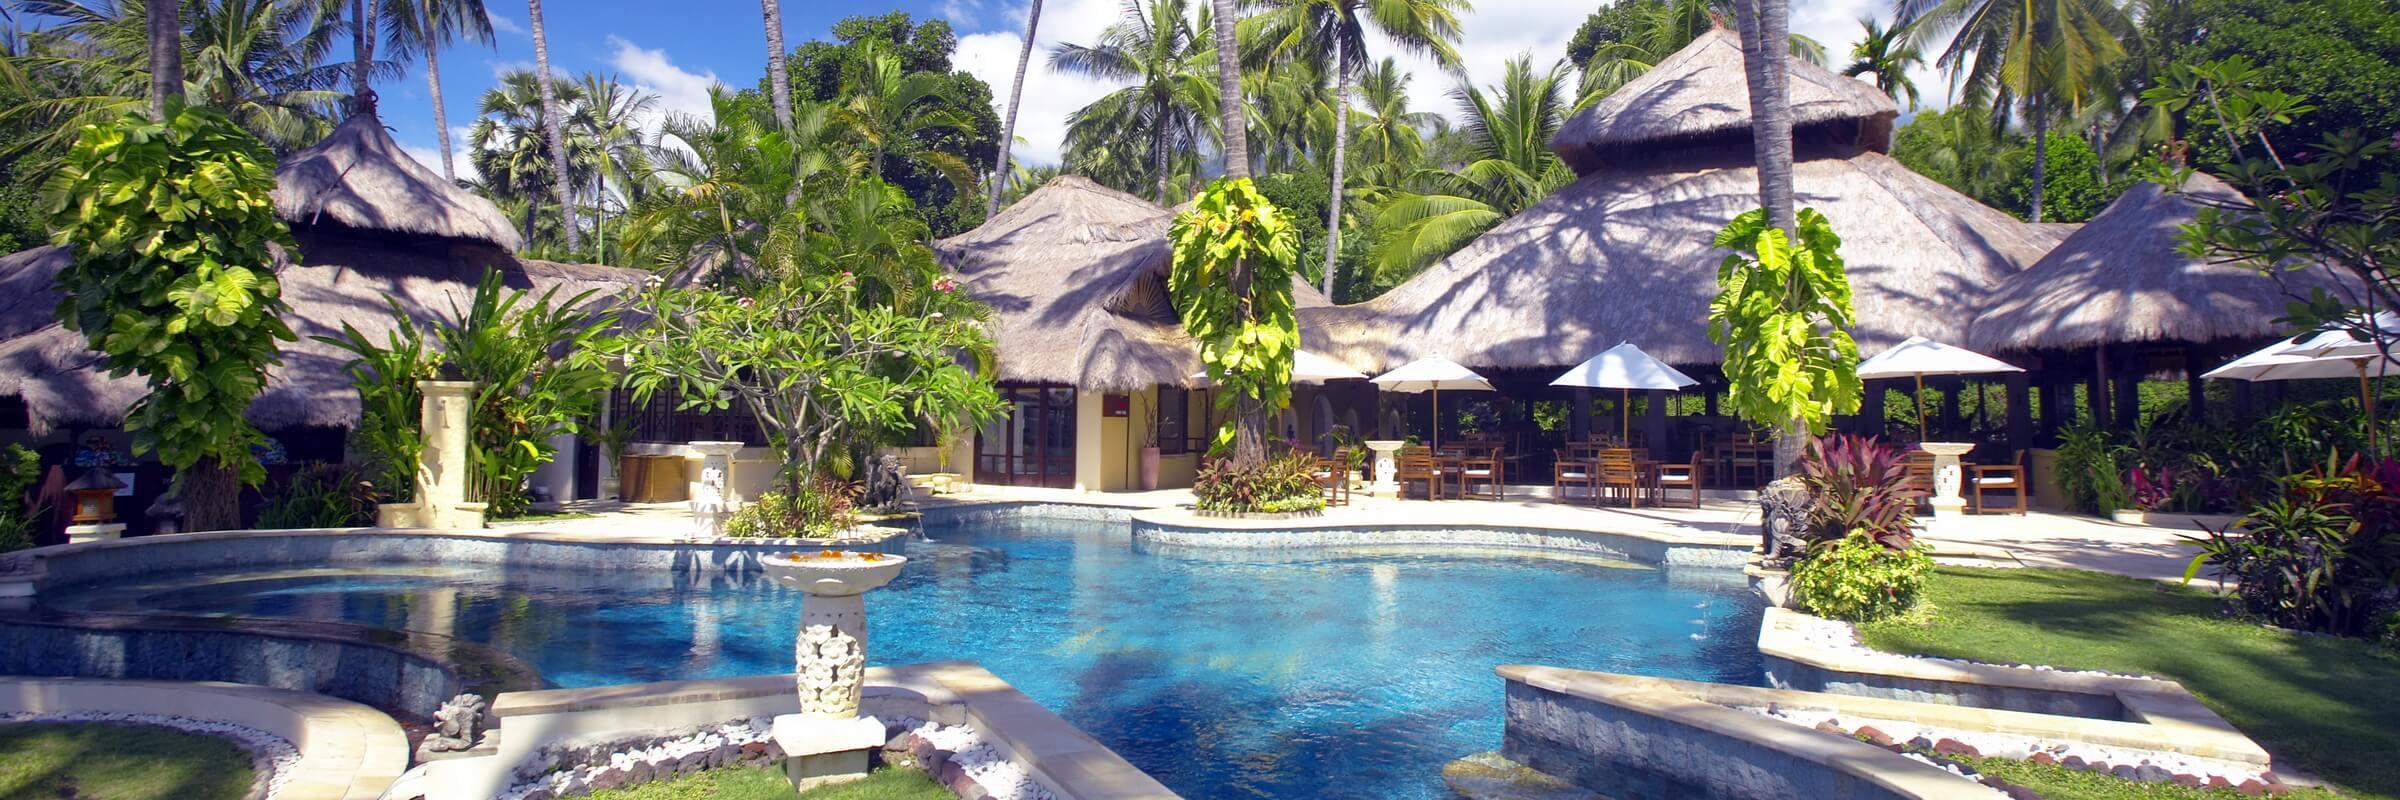 Das Alam Anda an der Nord-Ostküste Balis wird schon viele Jahre als Geheimtipp gehandelt und hat bereits heute Kultstatus.